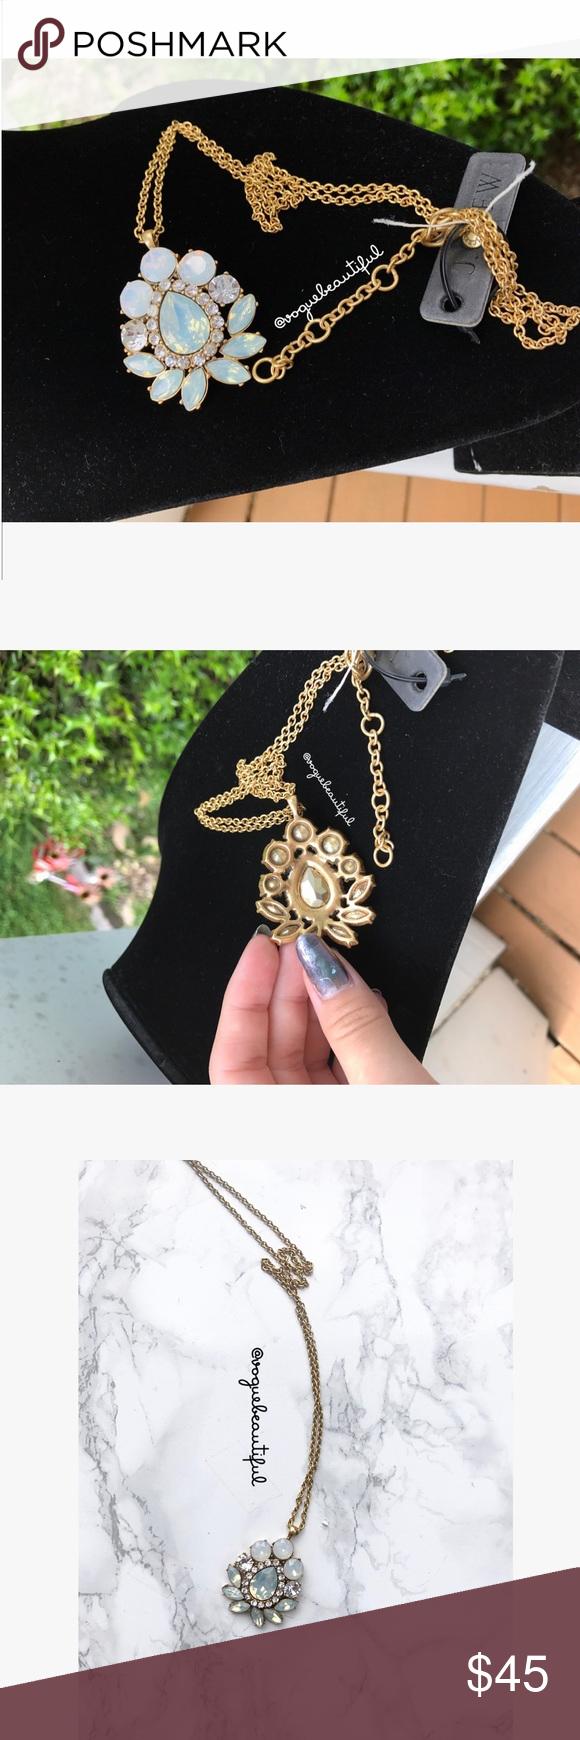 Nwt jcrew long pendant necklace nwt length measurement pendants